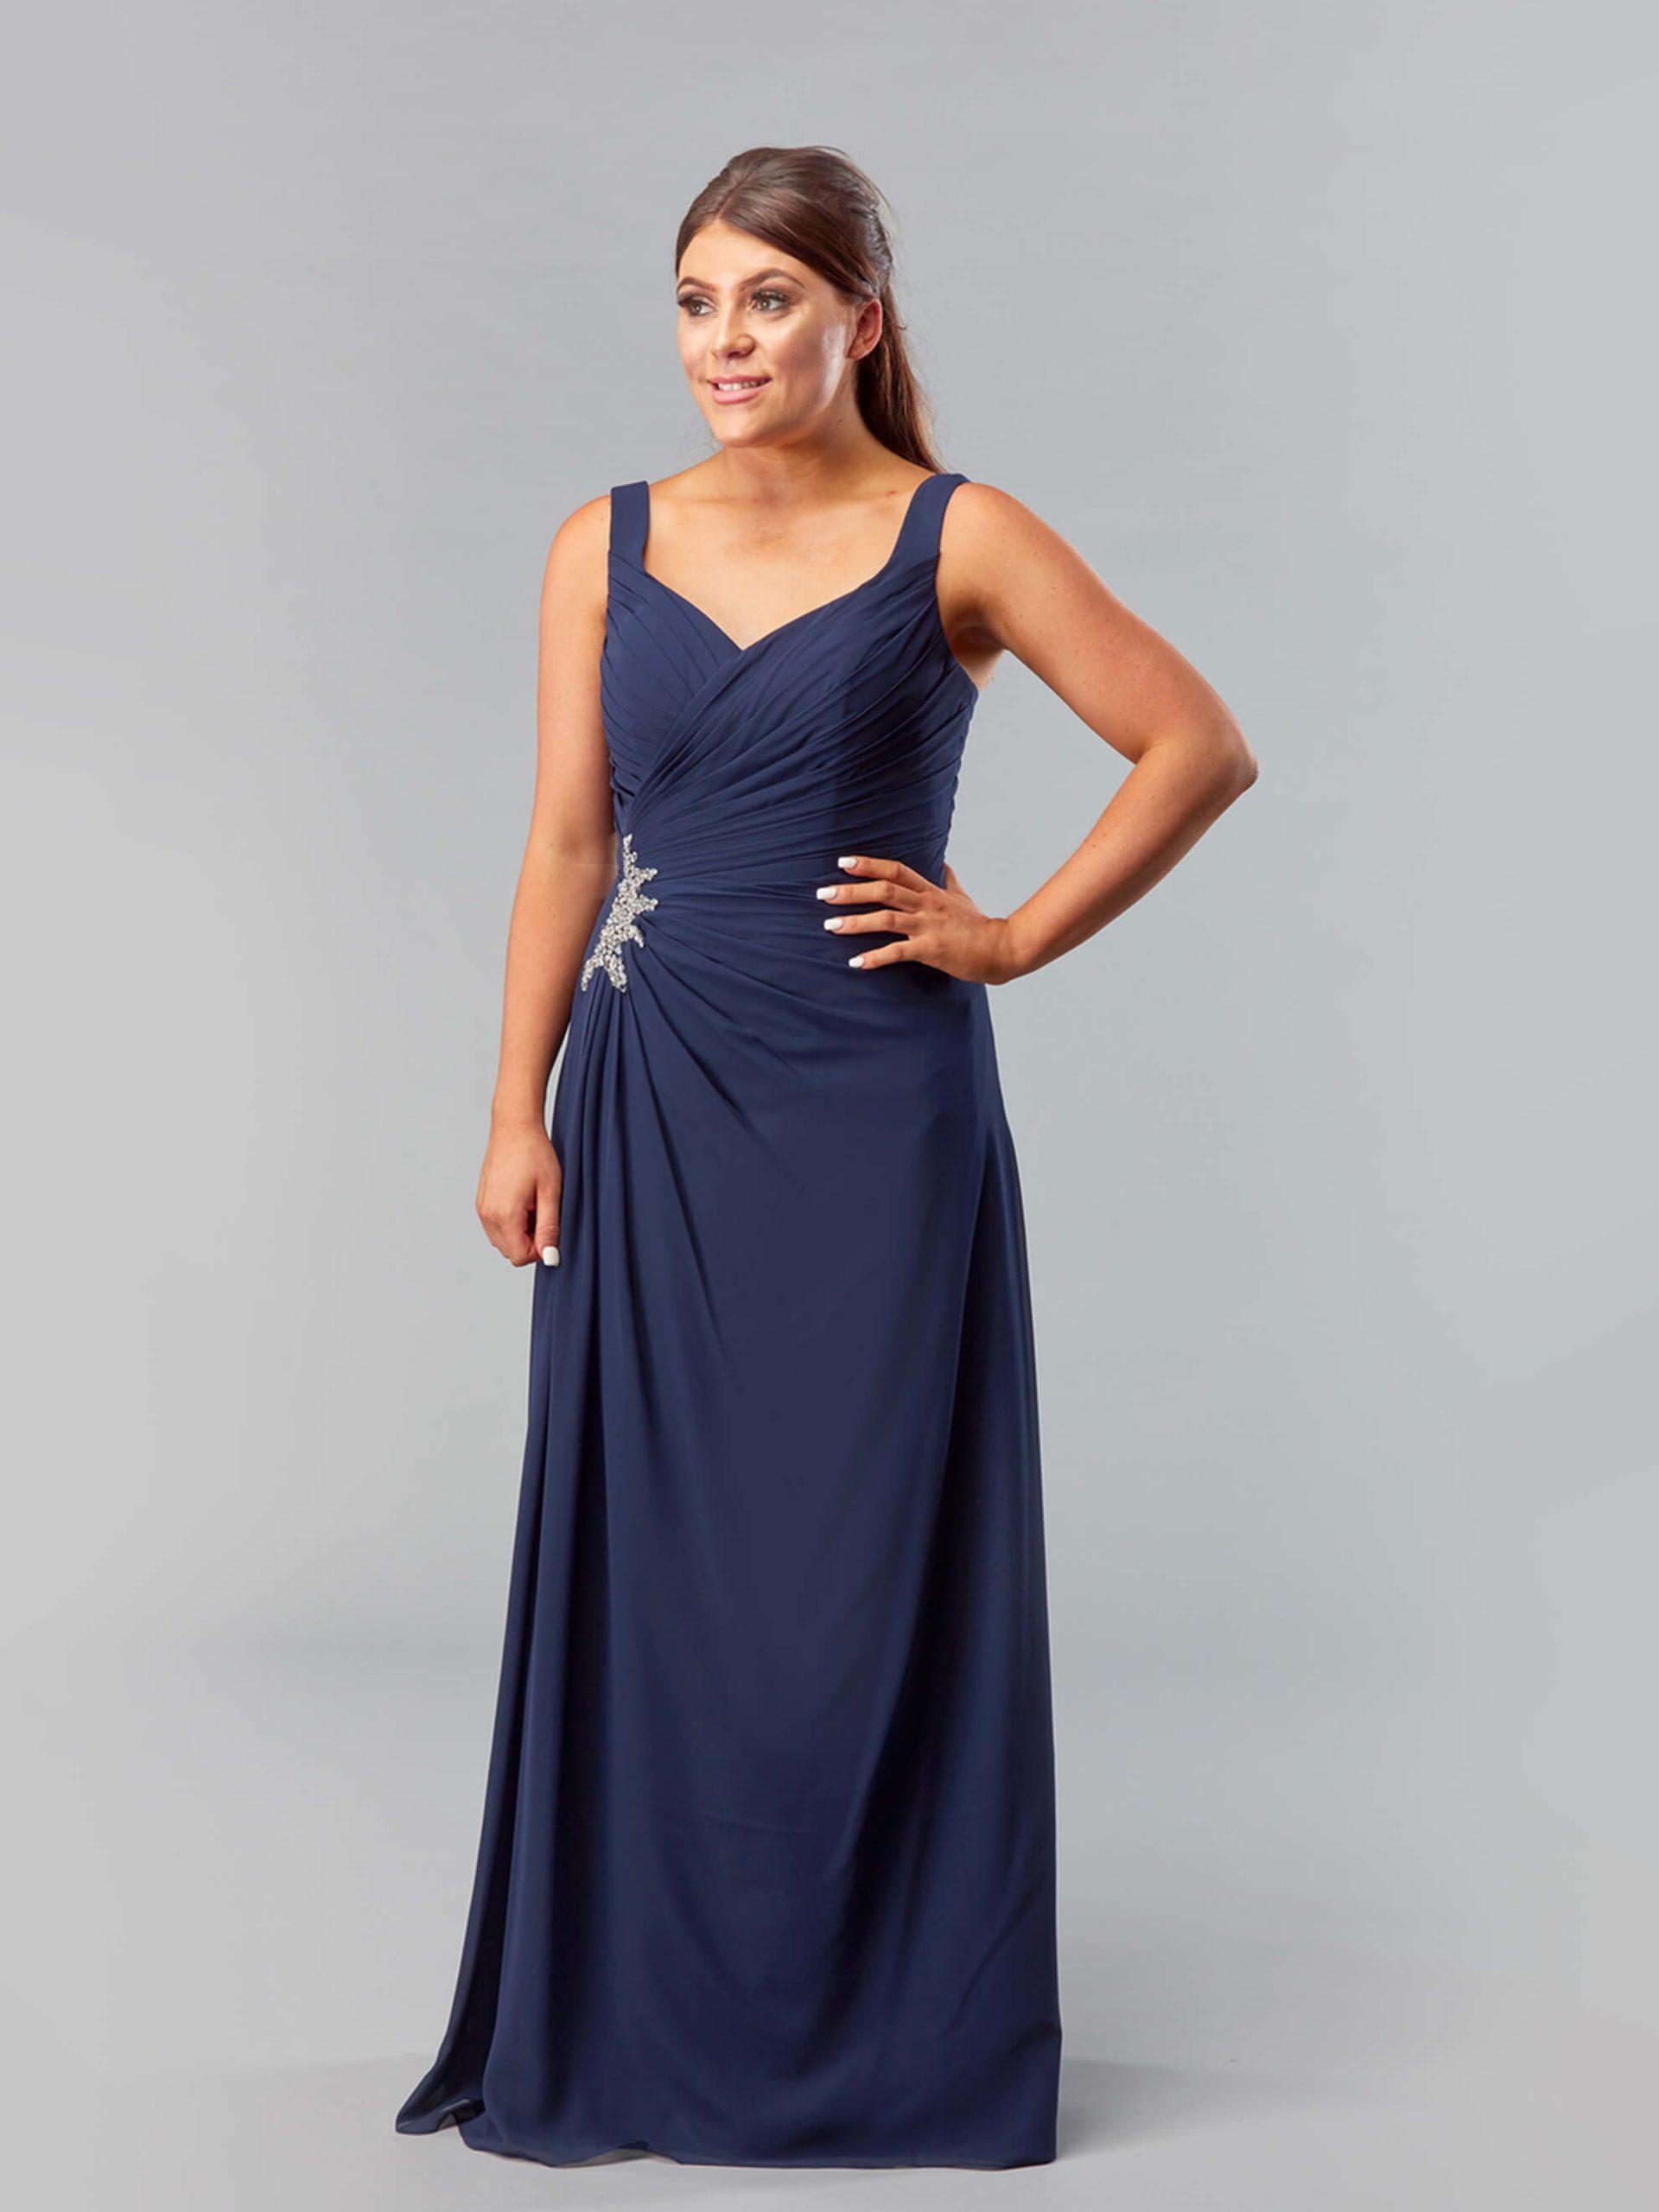 MAB05-navy chiffon bridesmaid dress 1